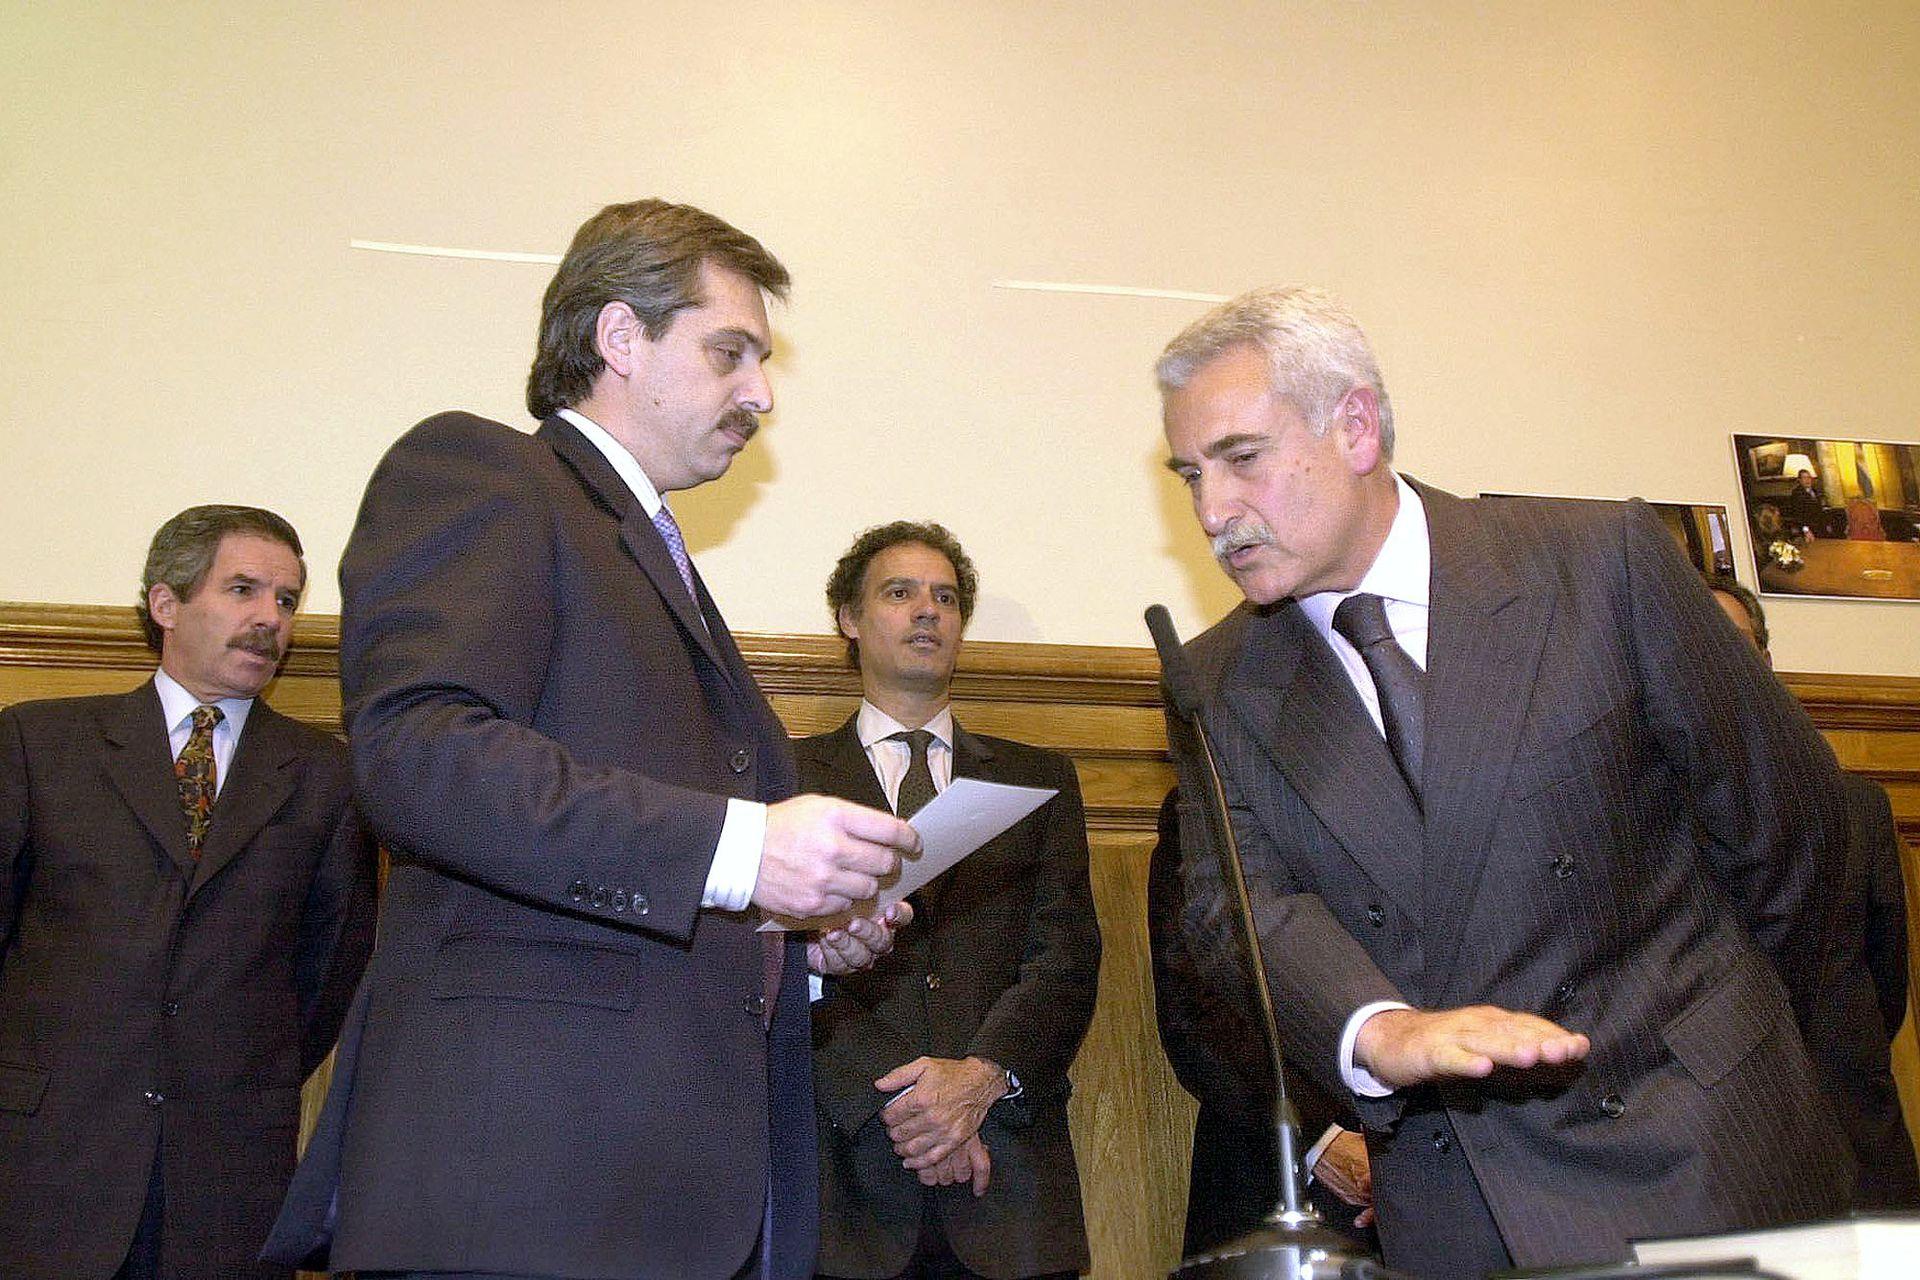 Alberto Fernández le toma juramento al nuevo secretario de Medios, José Albistur, el 6 de junio de 2003